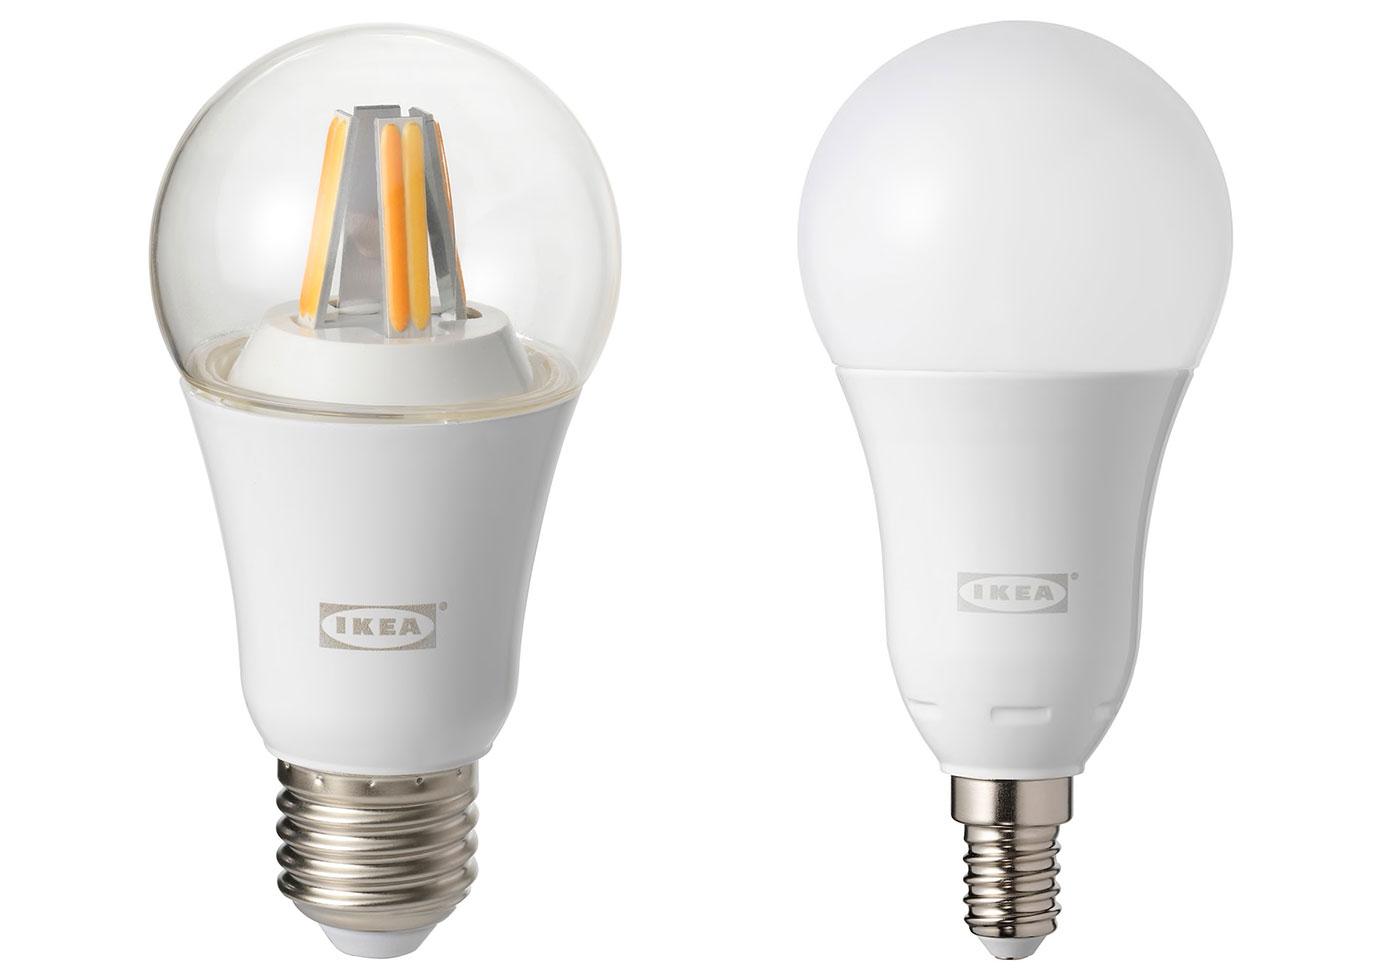 Full Size of Ikea Lampen Tradfri Neue Und Berarbeitete Fernbedienung Küche Kosten Led Wohnzimmer Kaufen Sofa Mit Schlaffunktion Designer Esstisch Stehlampen Deckenlampen Wohnzimmer Ikea Lampen